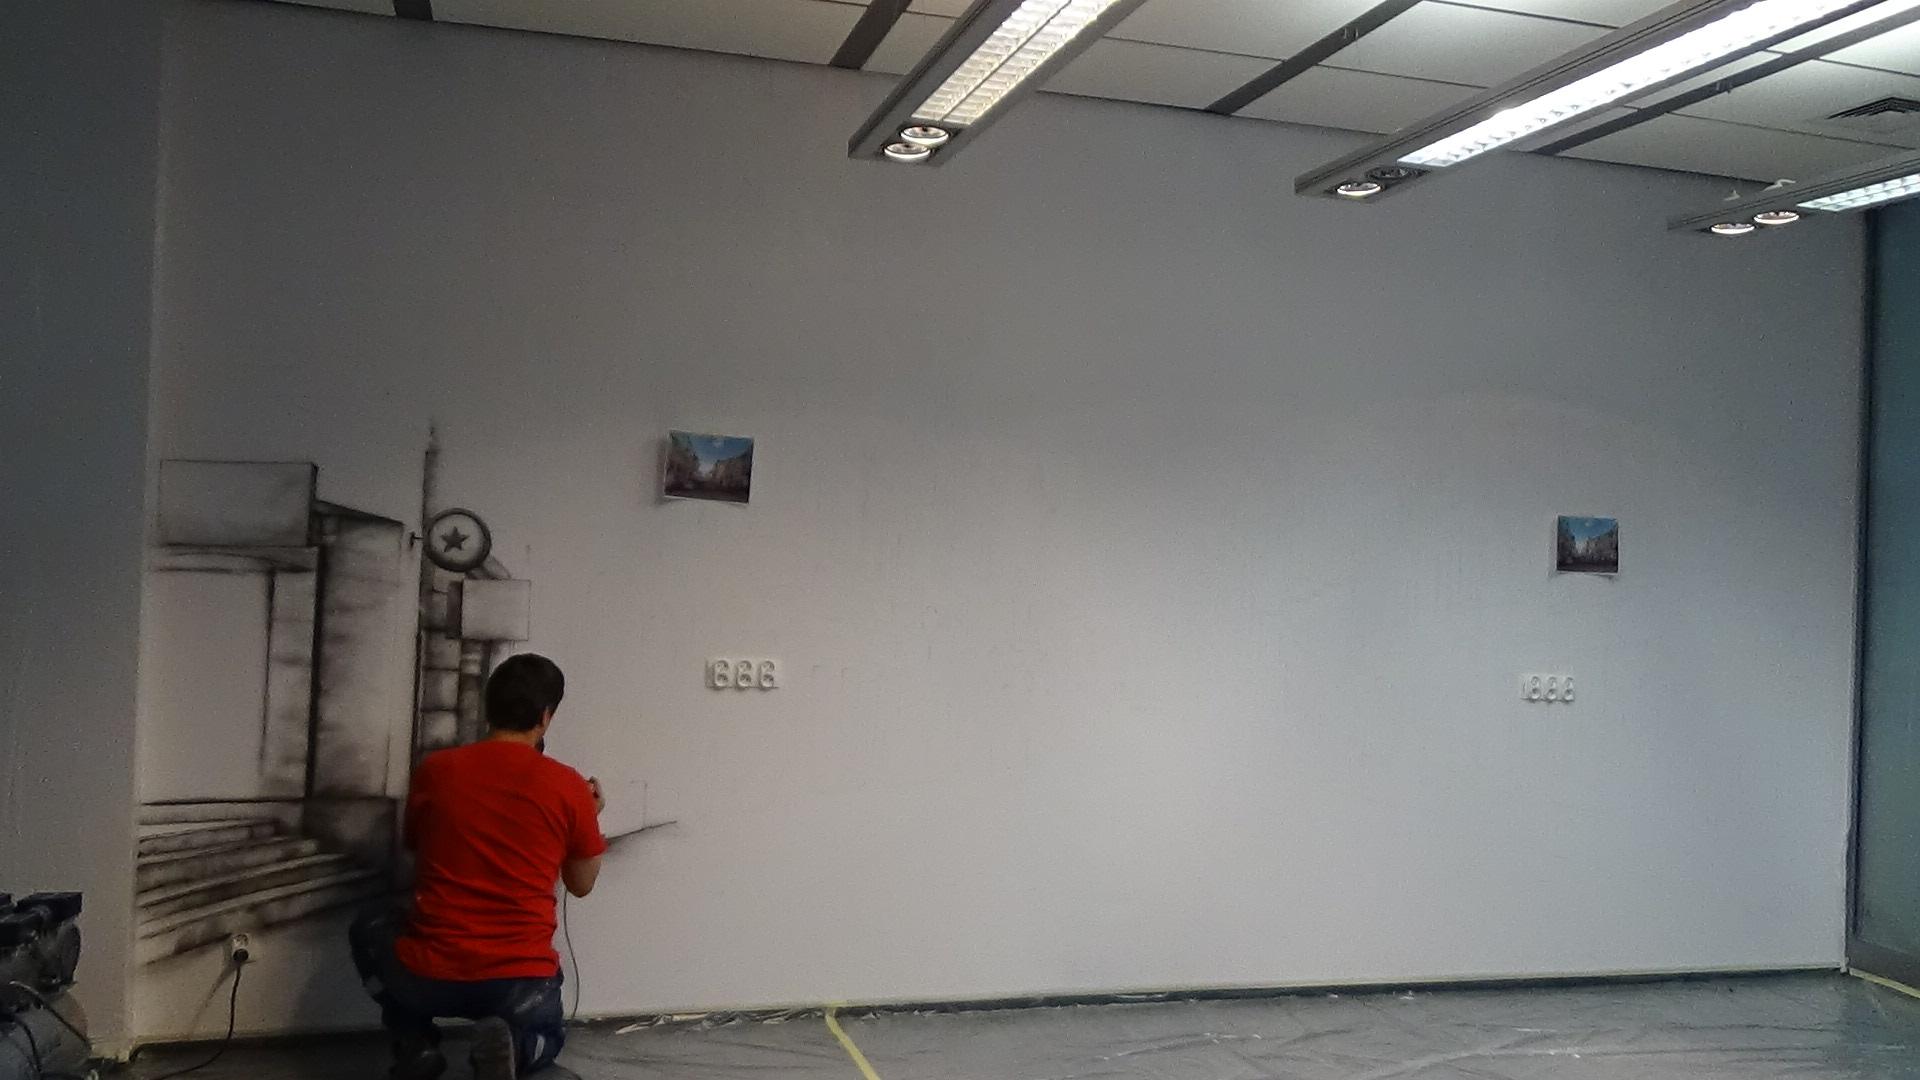 Mural w czarno bieli